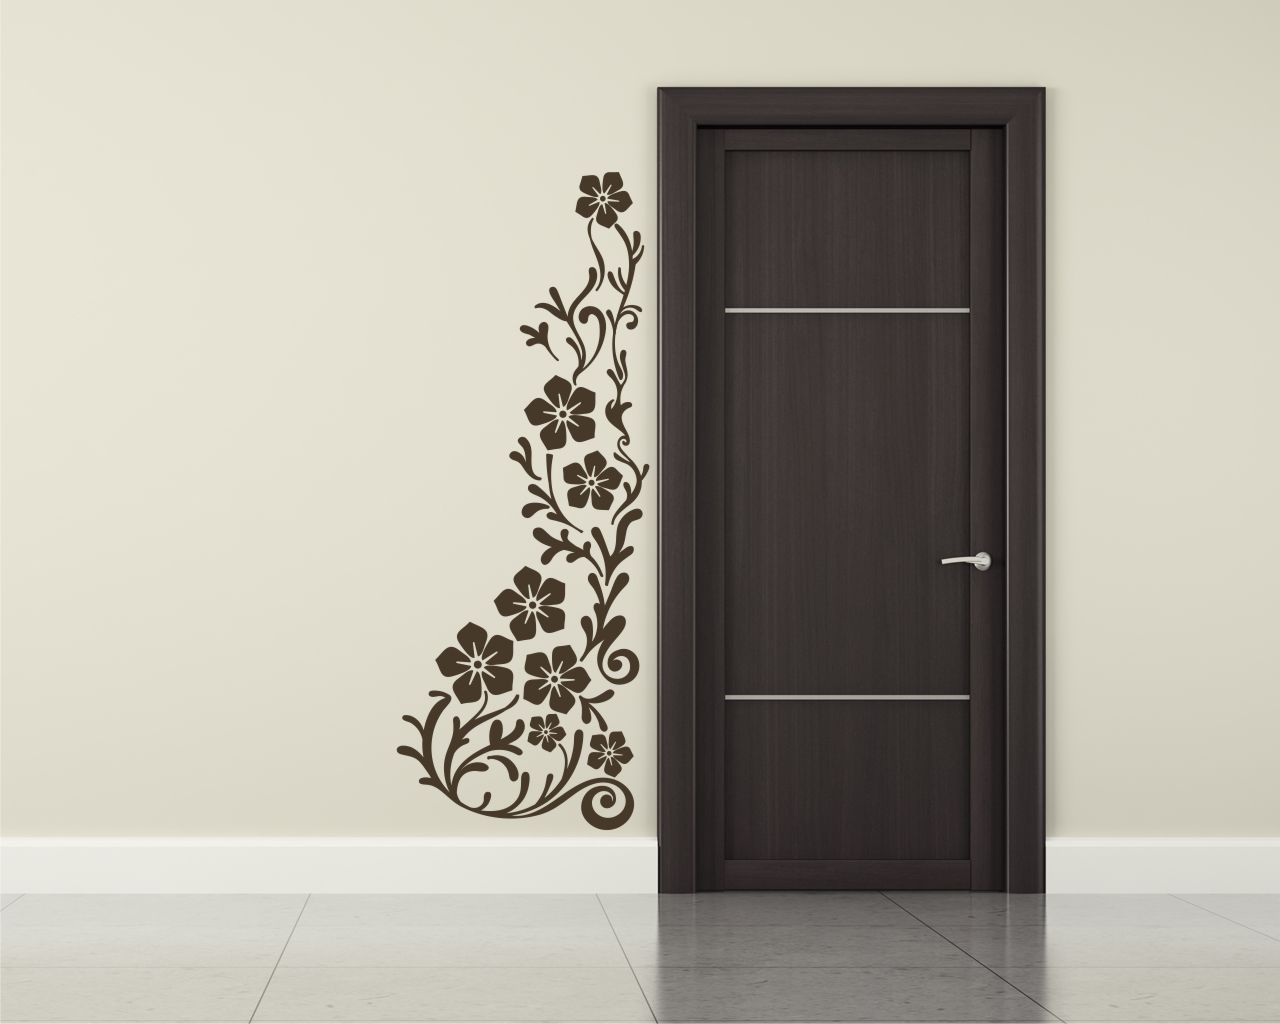 adesivo murale-elegante decoro fiorito